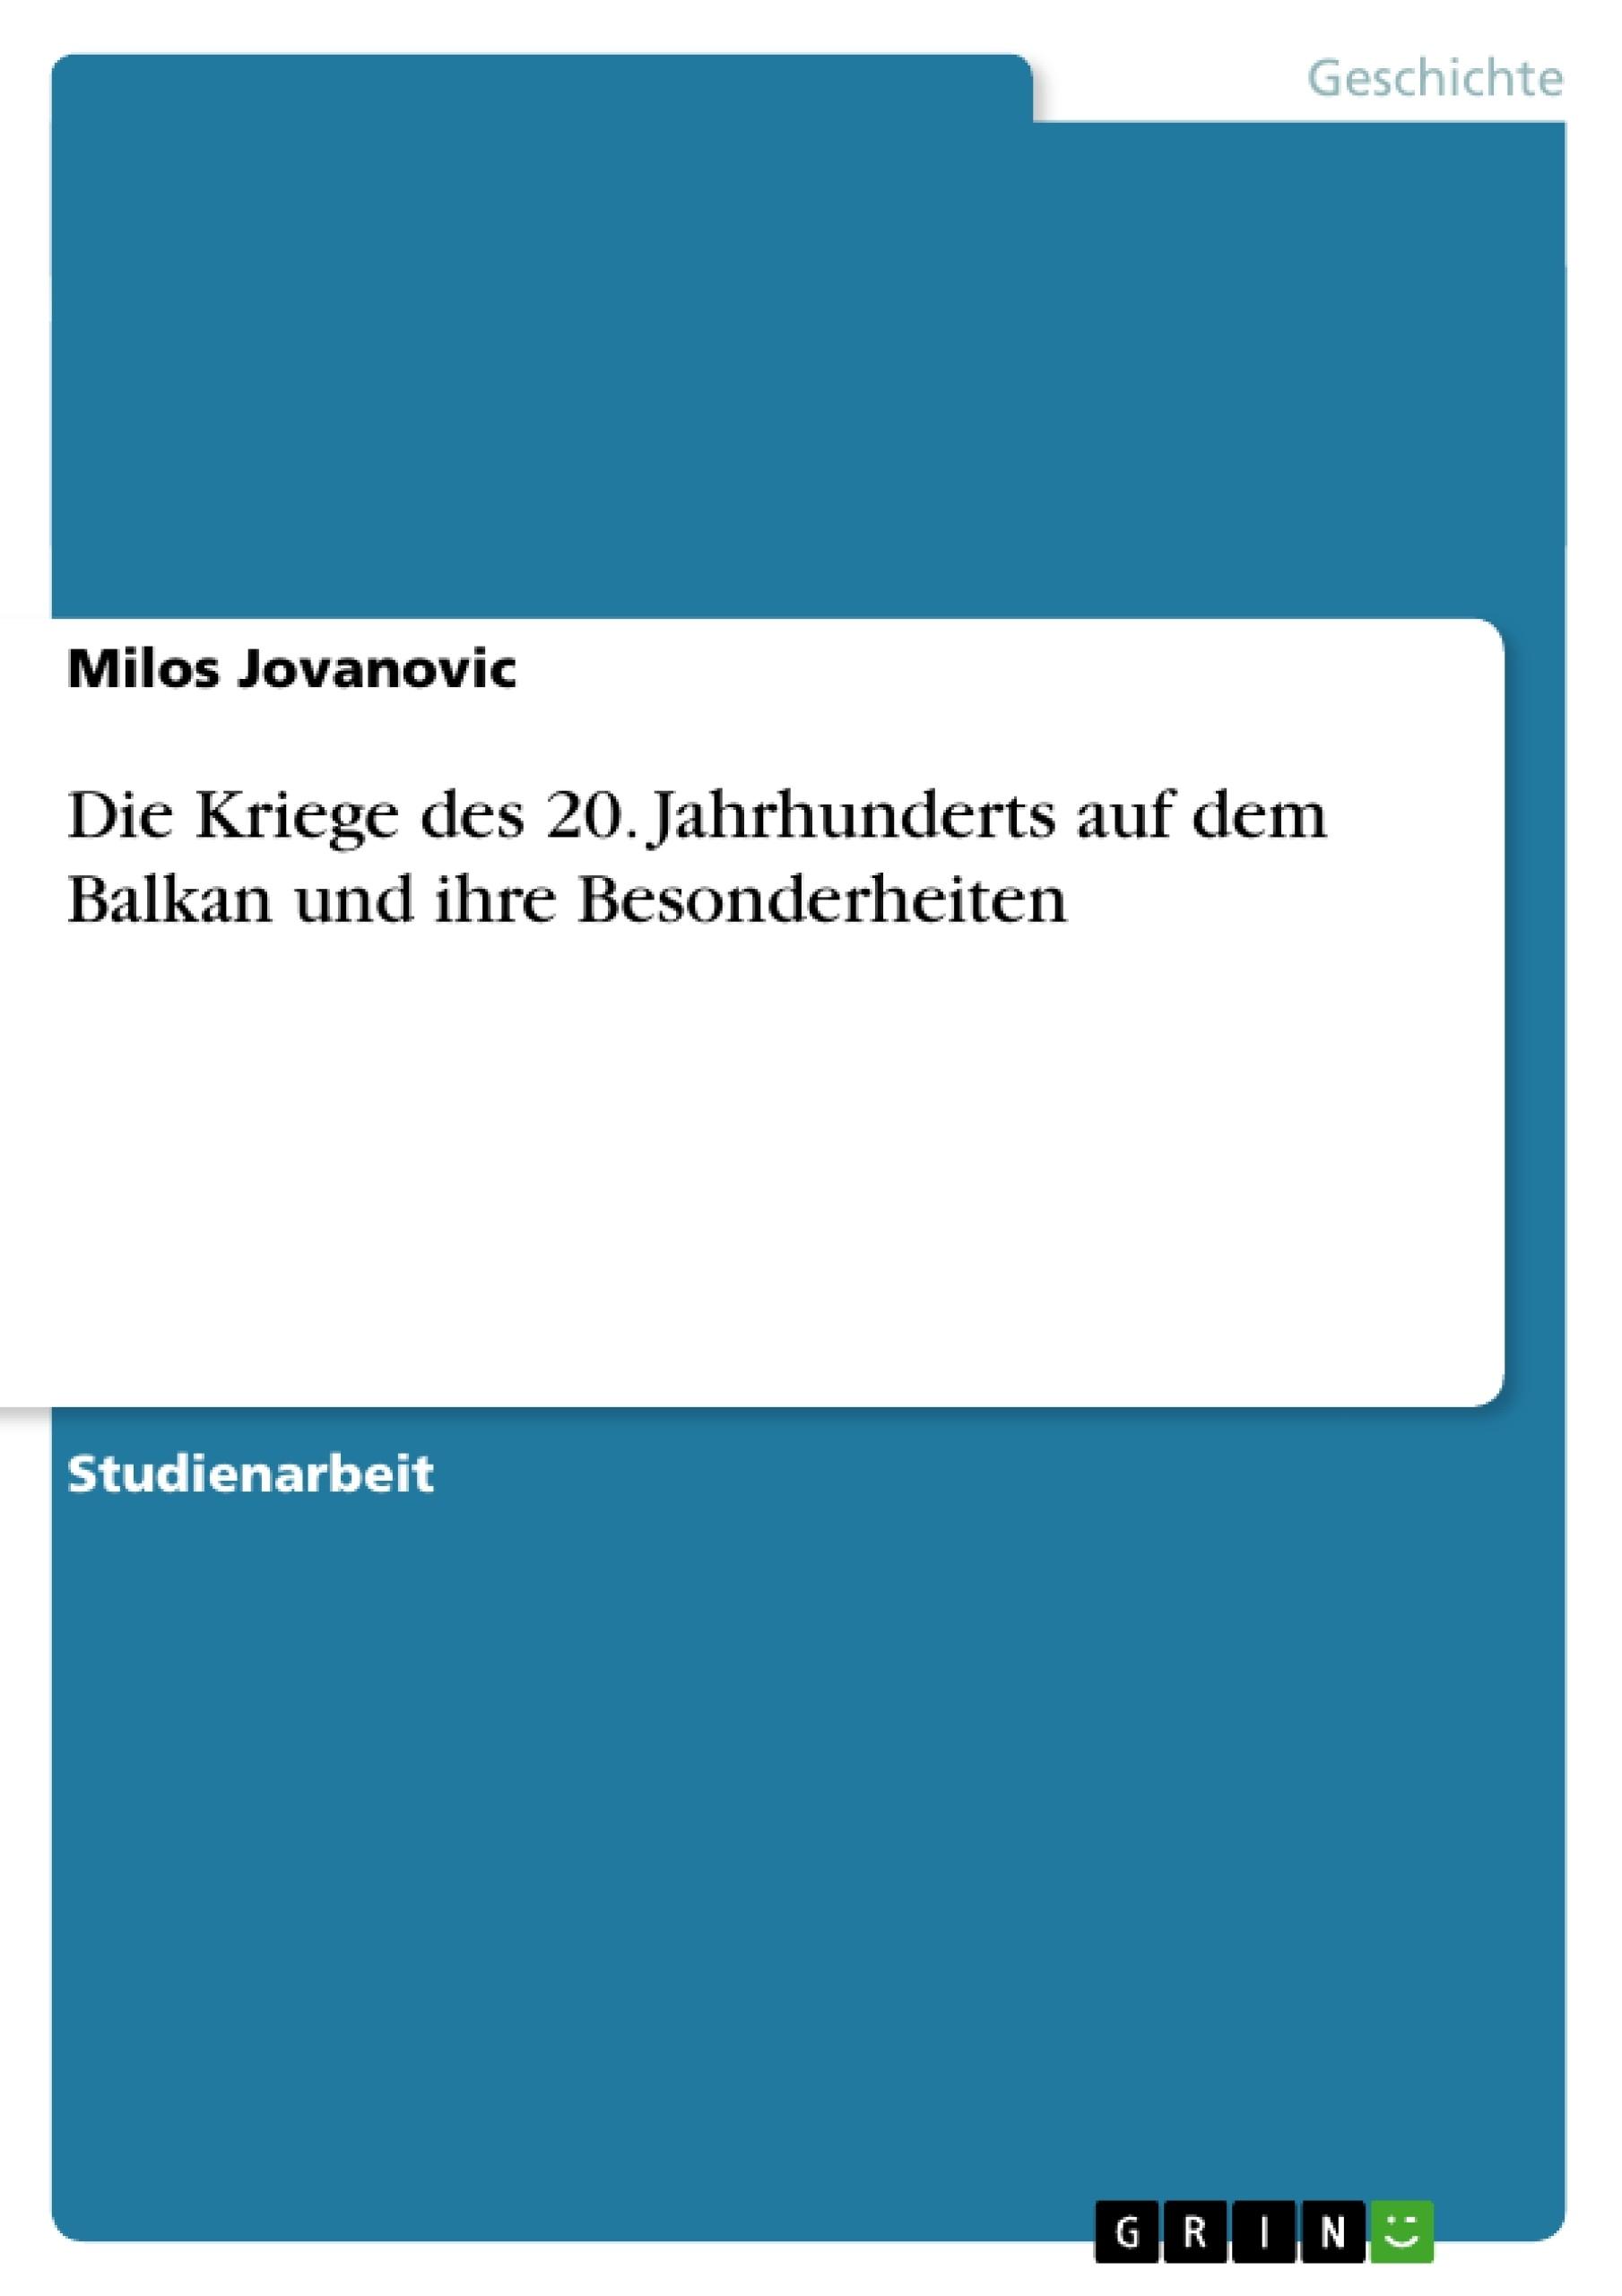 Titel: Die Kriege des 20. Jahrhunderts auf dem Balkan und ihre Besonderheiten